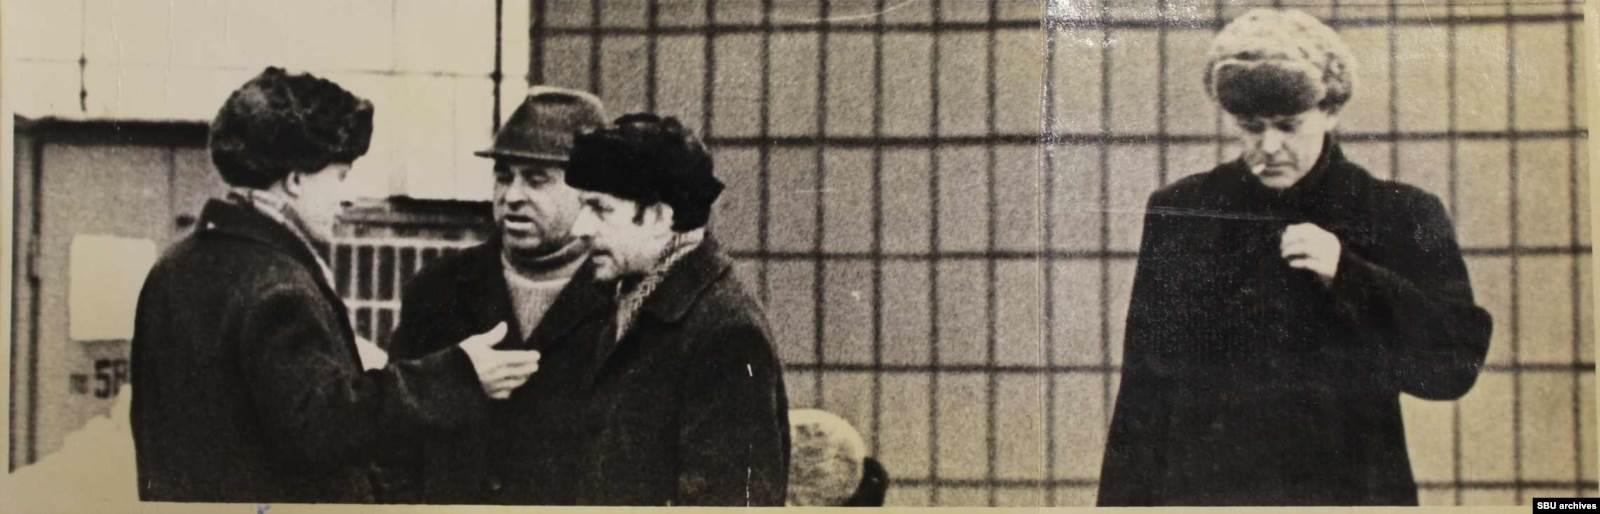 Пушкарь с приятелями. Фото КГБ, сделанные скрытой камерой. Из оперативного дела